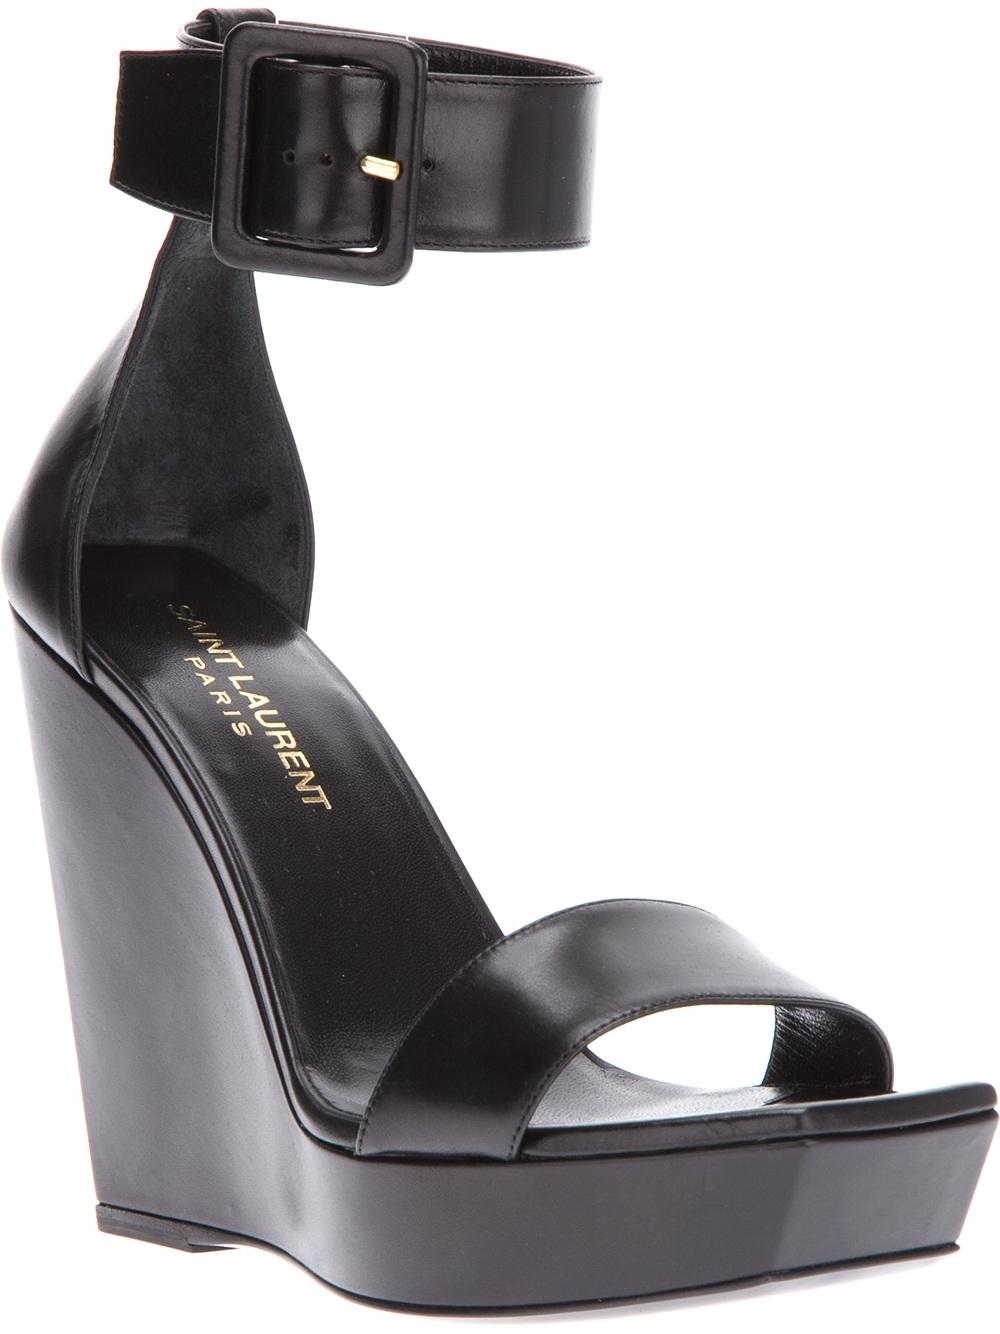 Ali Larter Flat Sandals Vs Kristin Cavallari Flat Sandals